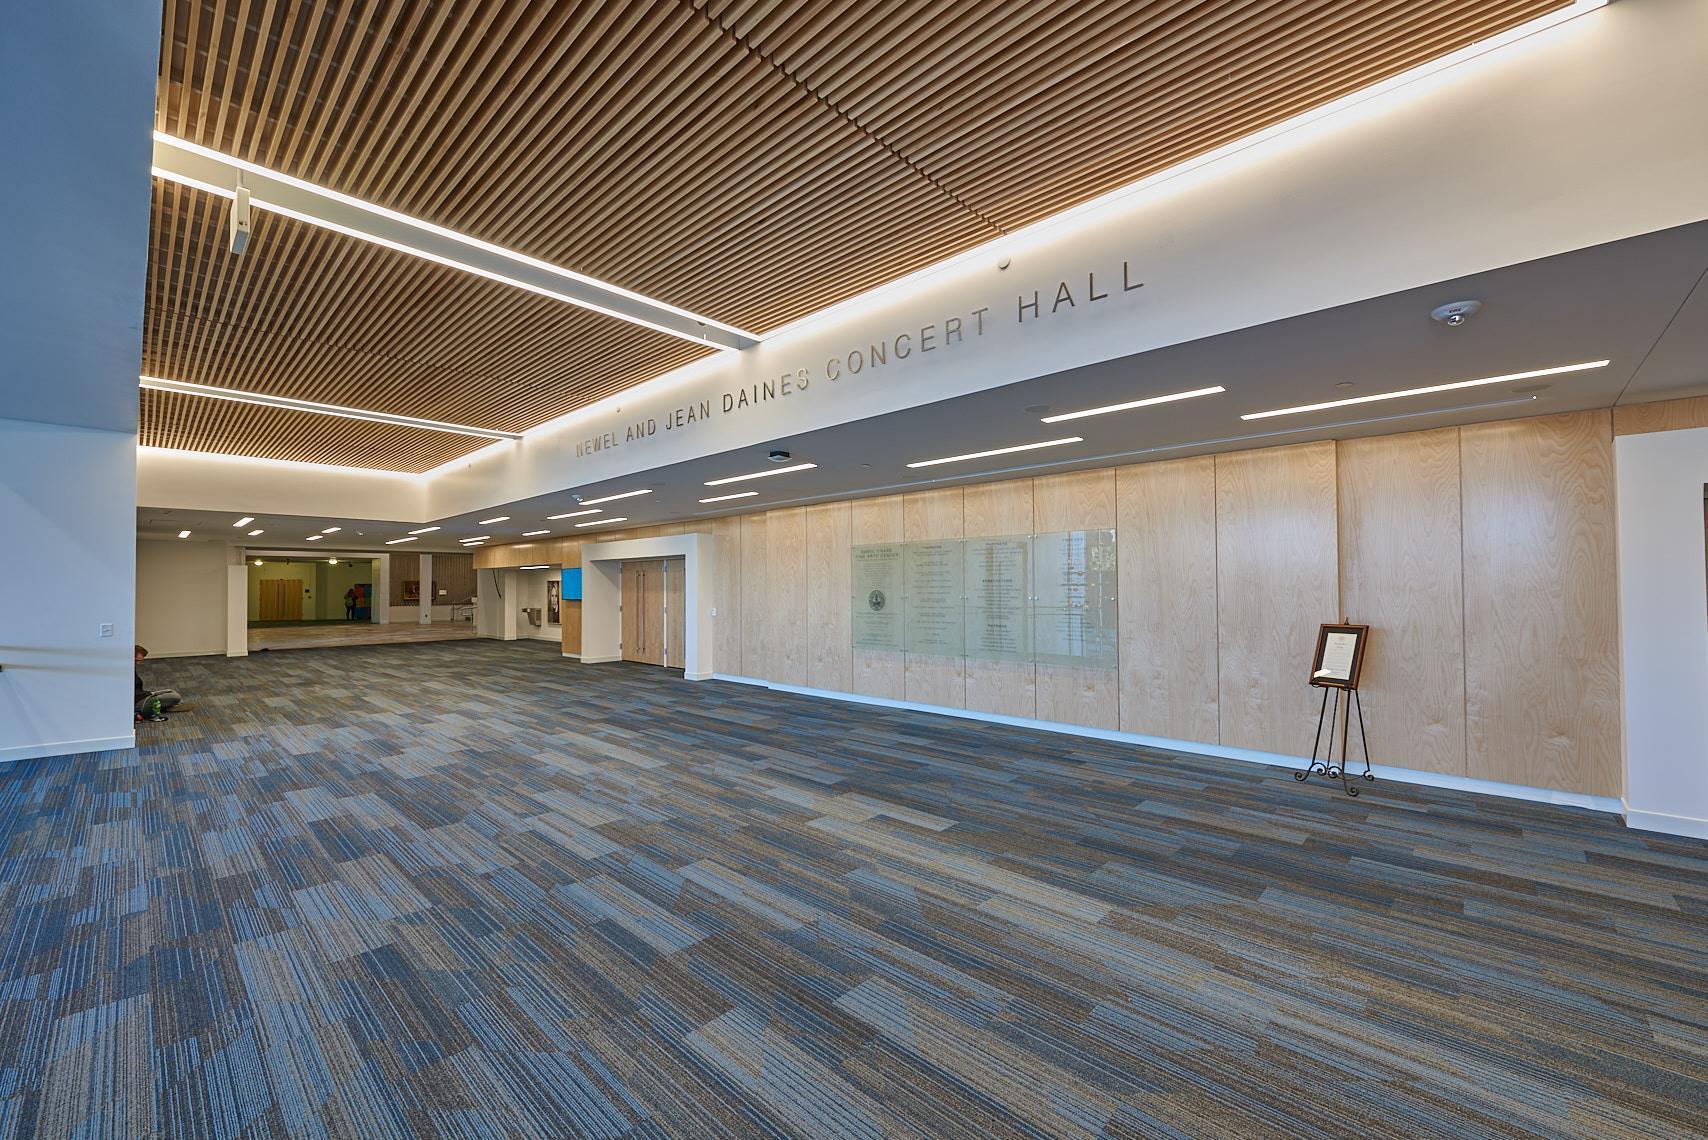 Daines Concert Hall Lobby